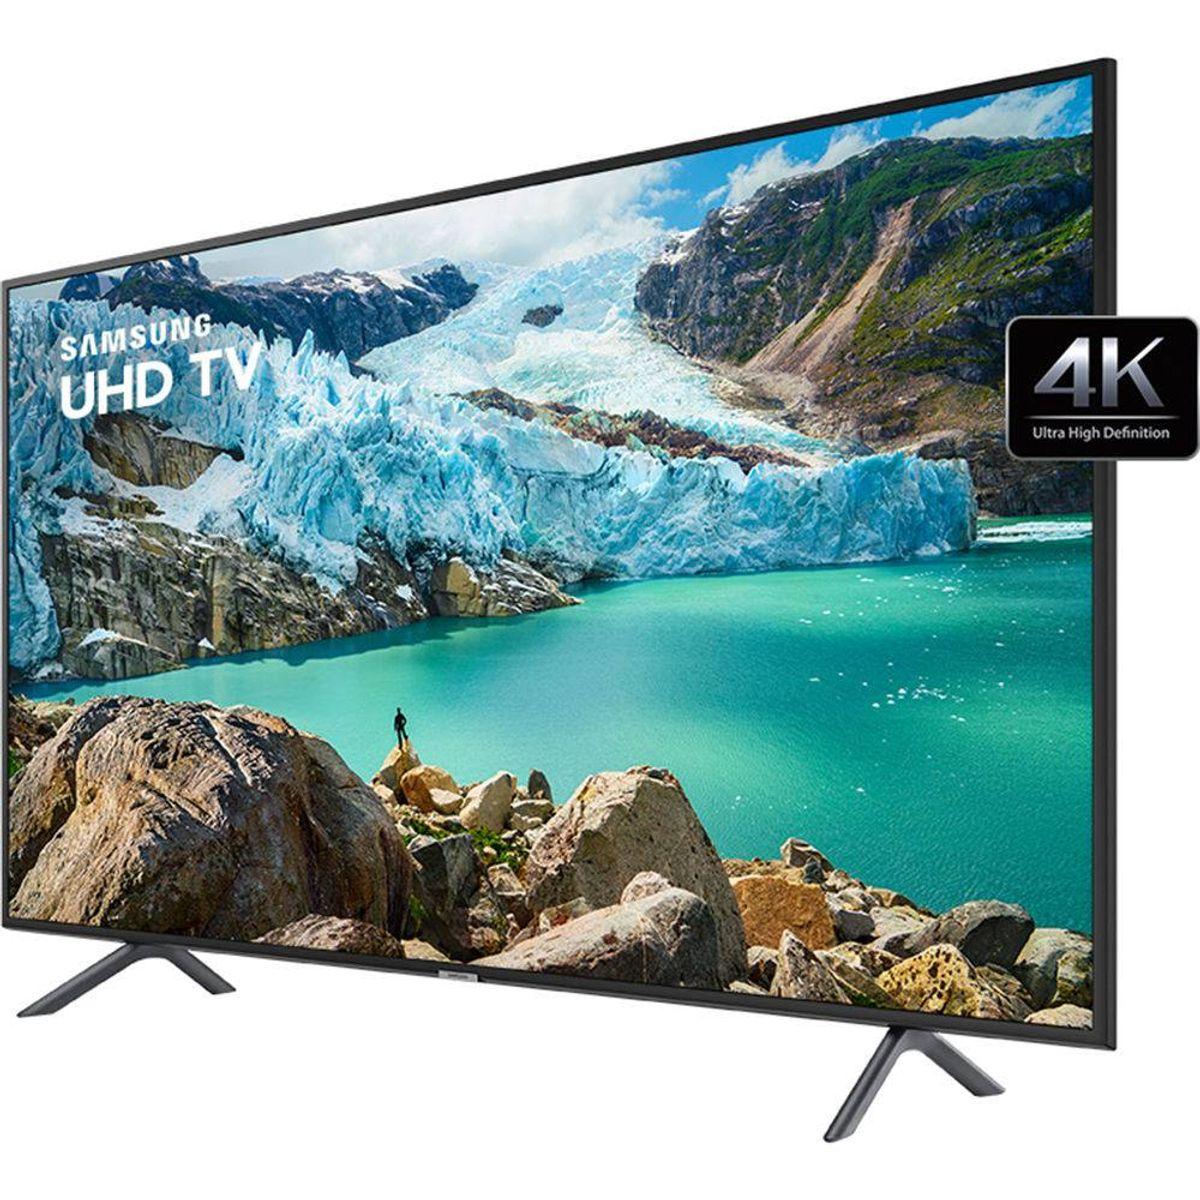 Smart TV LED 65'' Samsung 65RU7100 Ultra HD 4K com Conversor Digital 3 HDMI 2 USB Wi-Fi Visual Livre de Cabos Controle Remoto Único e Bluetooth